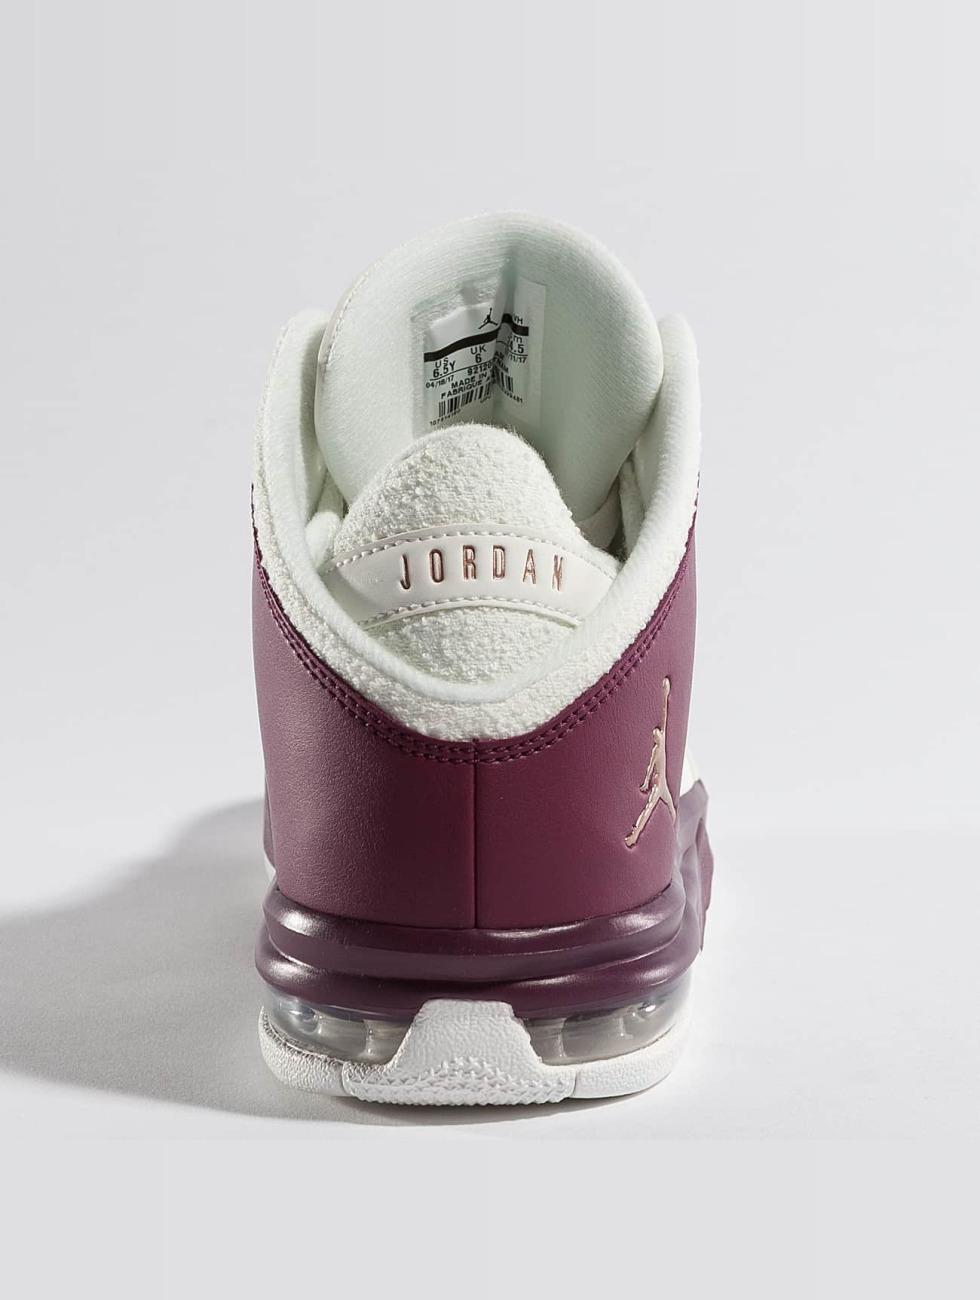 Jordan Schoen / Sneaker Origine Vol 4 École Primaire Dans L'esprit 363637 Populaire Pour La Vente eQgHud7pk